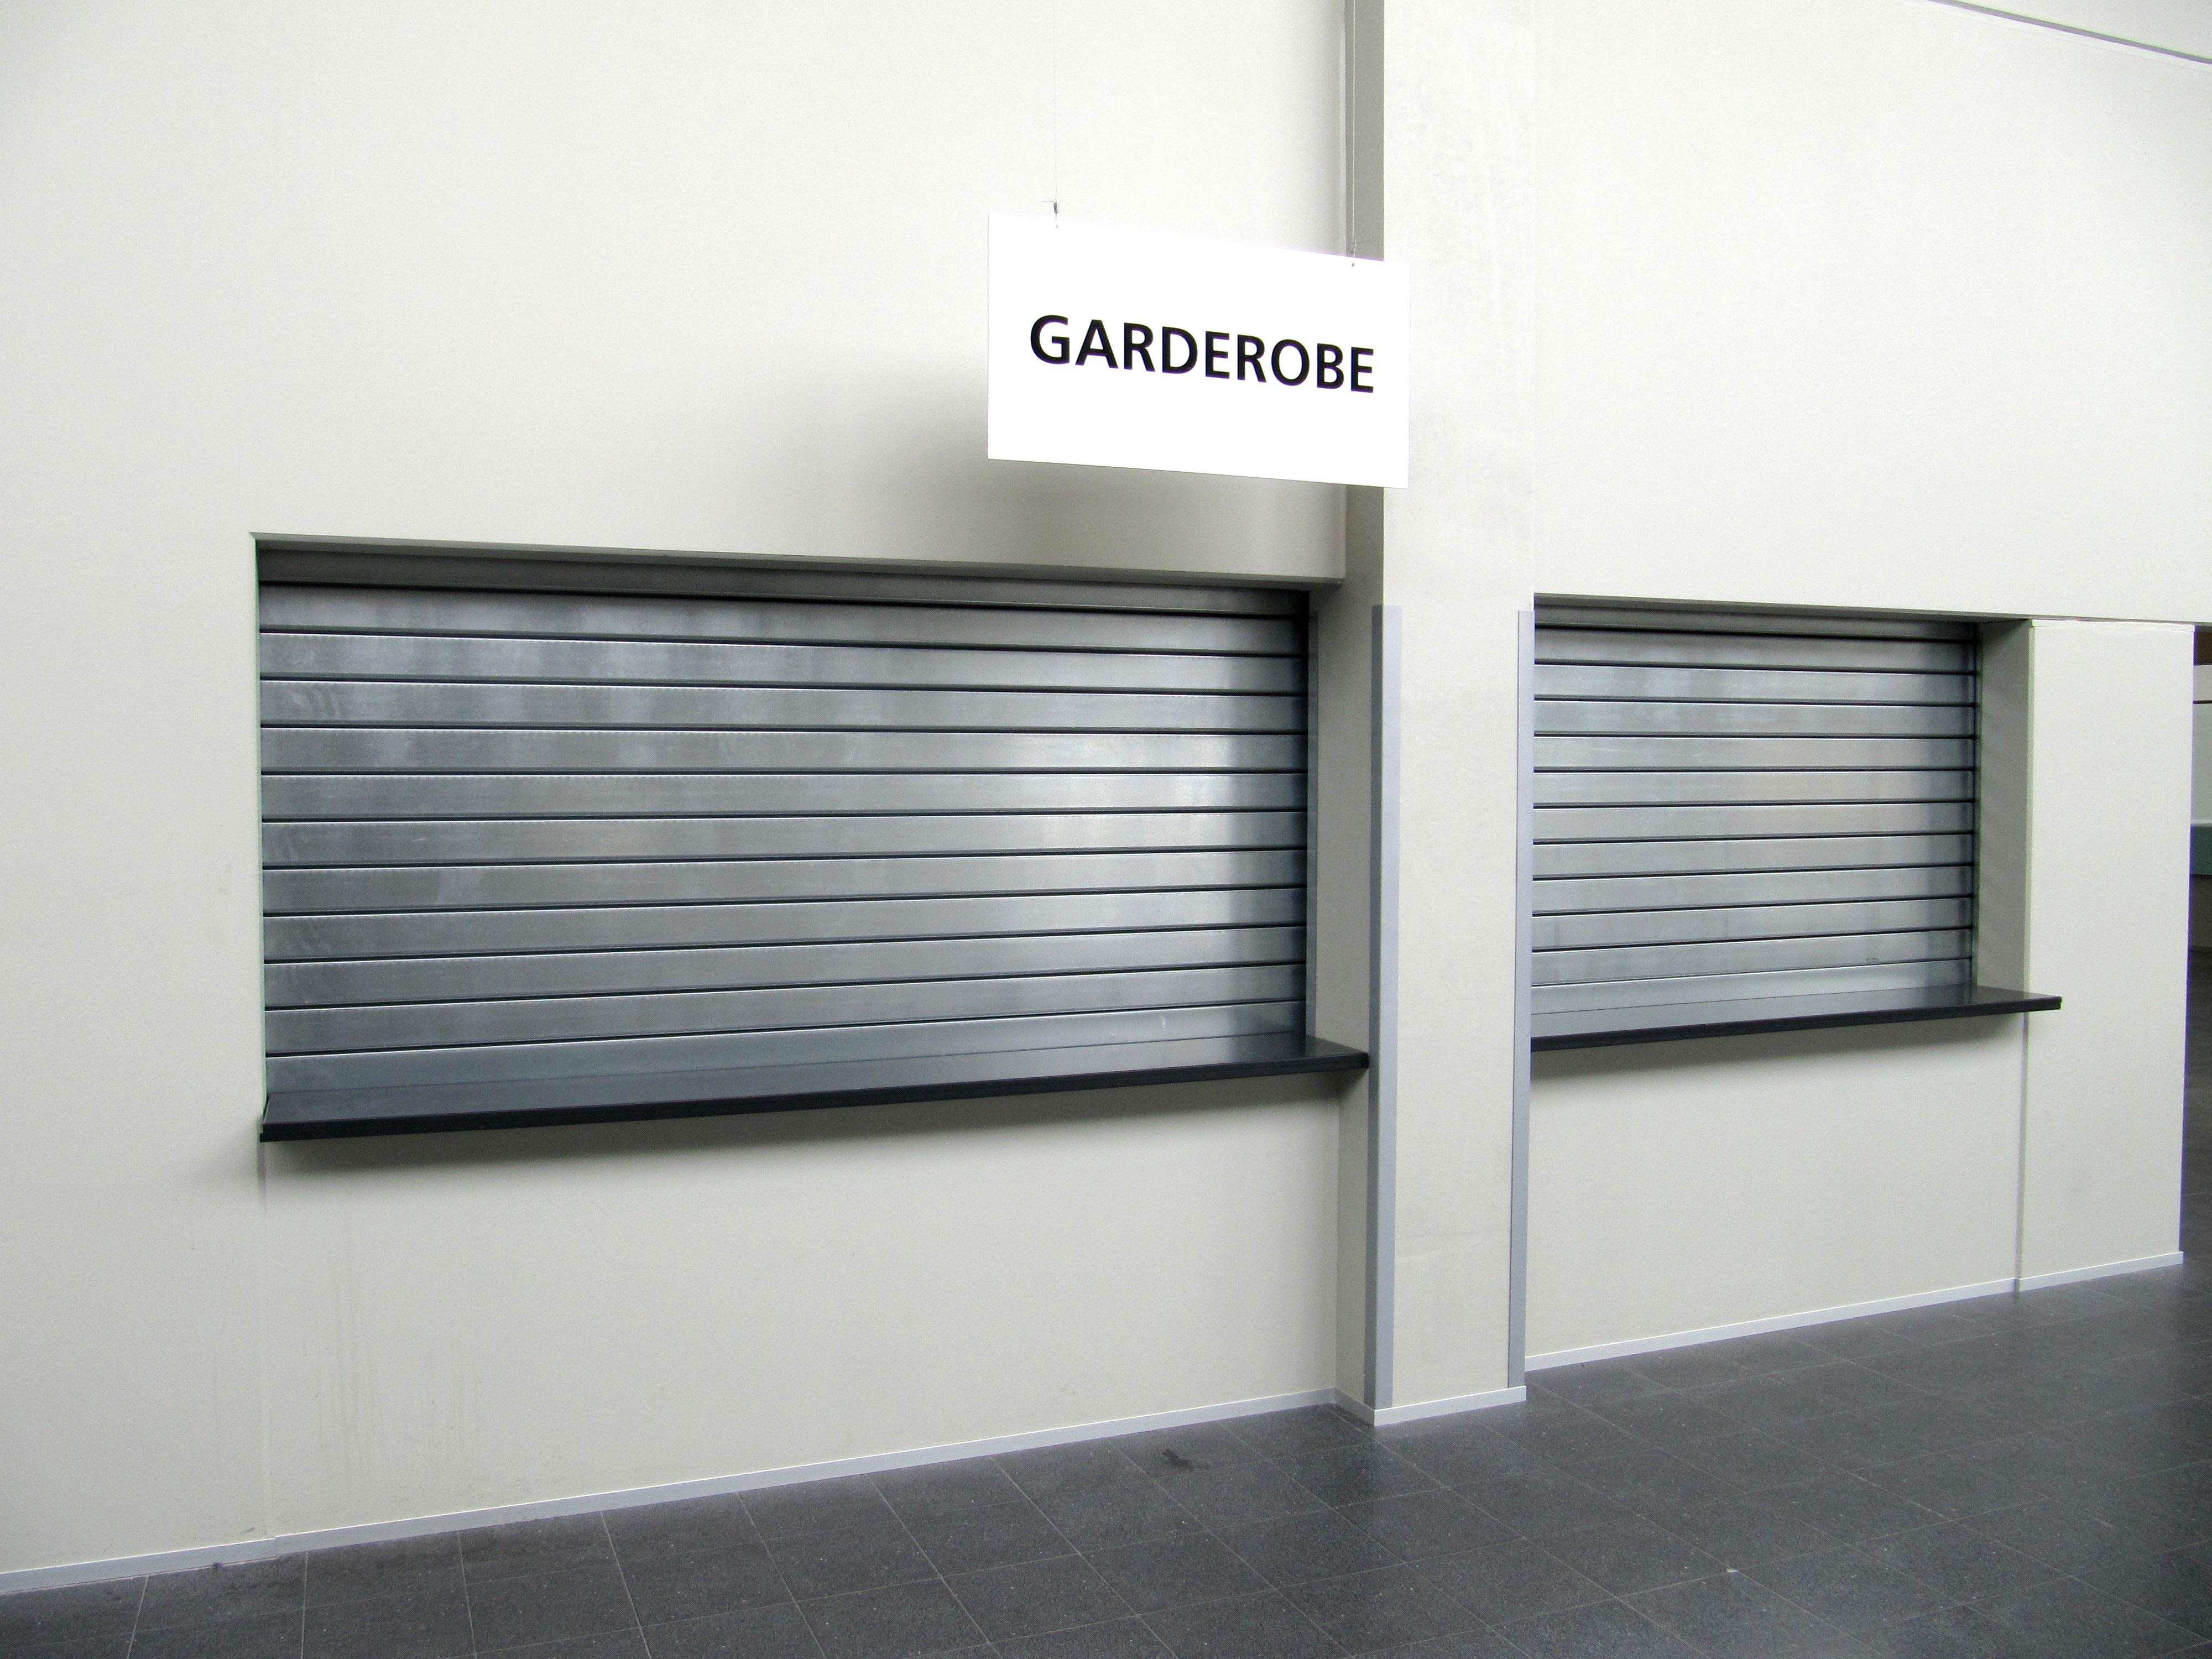 Brandjalousi Safe 4000 er et rullejalousi til brandsikring af diverse passager og åbninger i bygning...